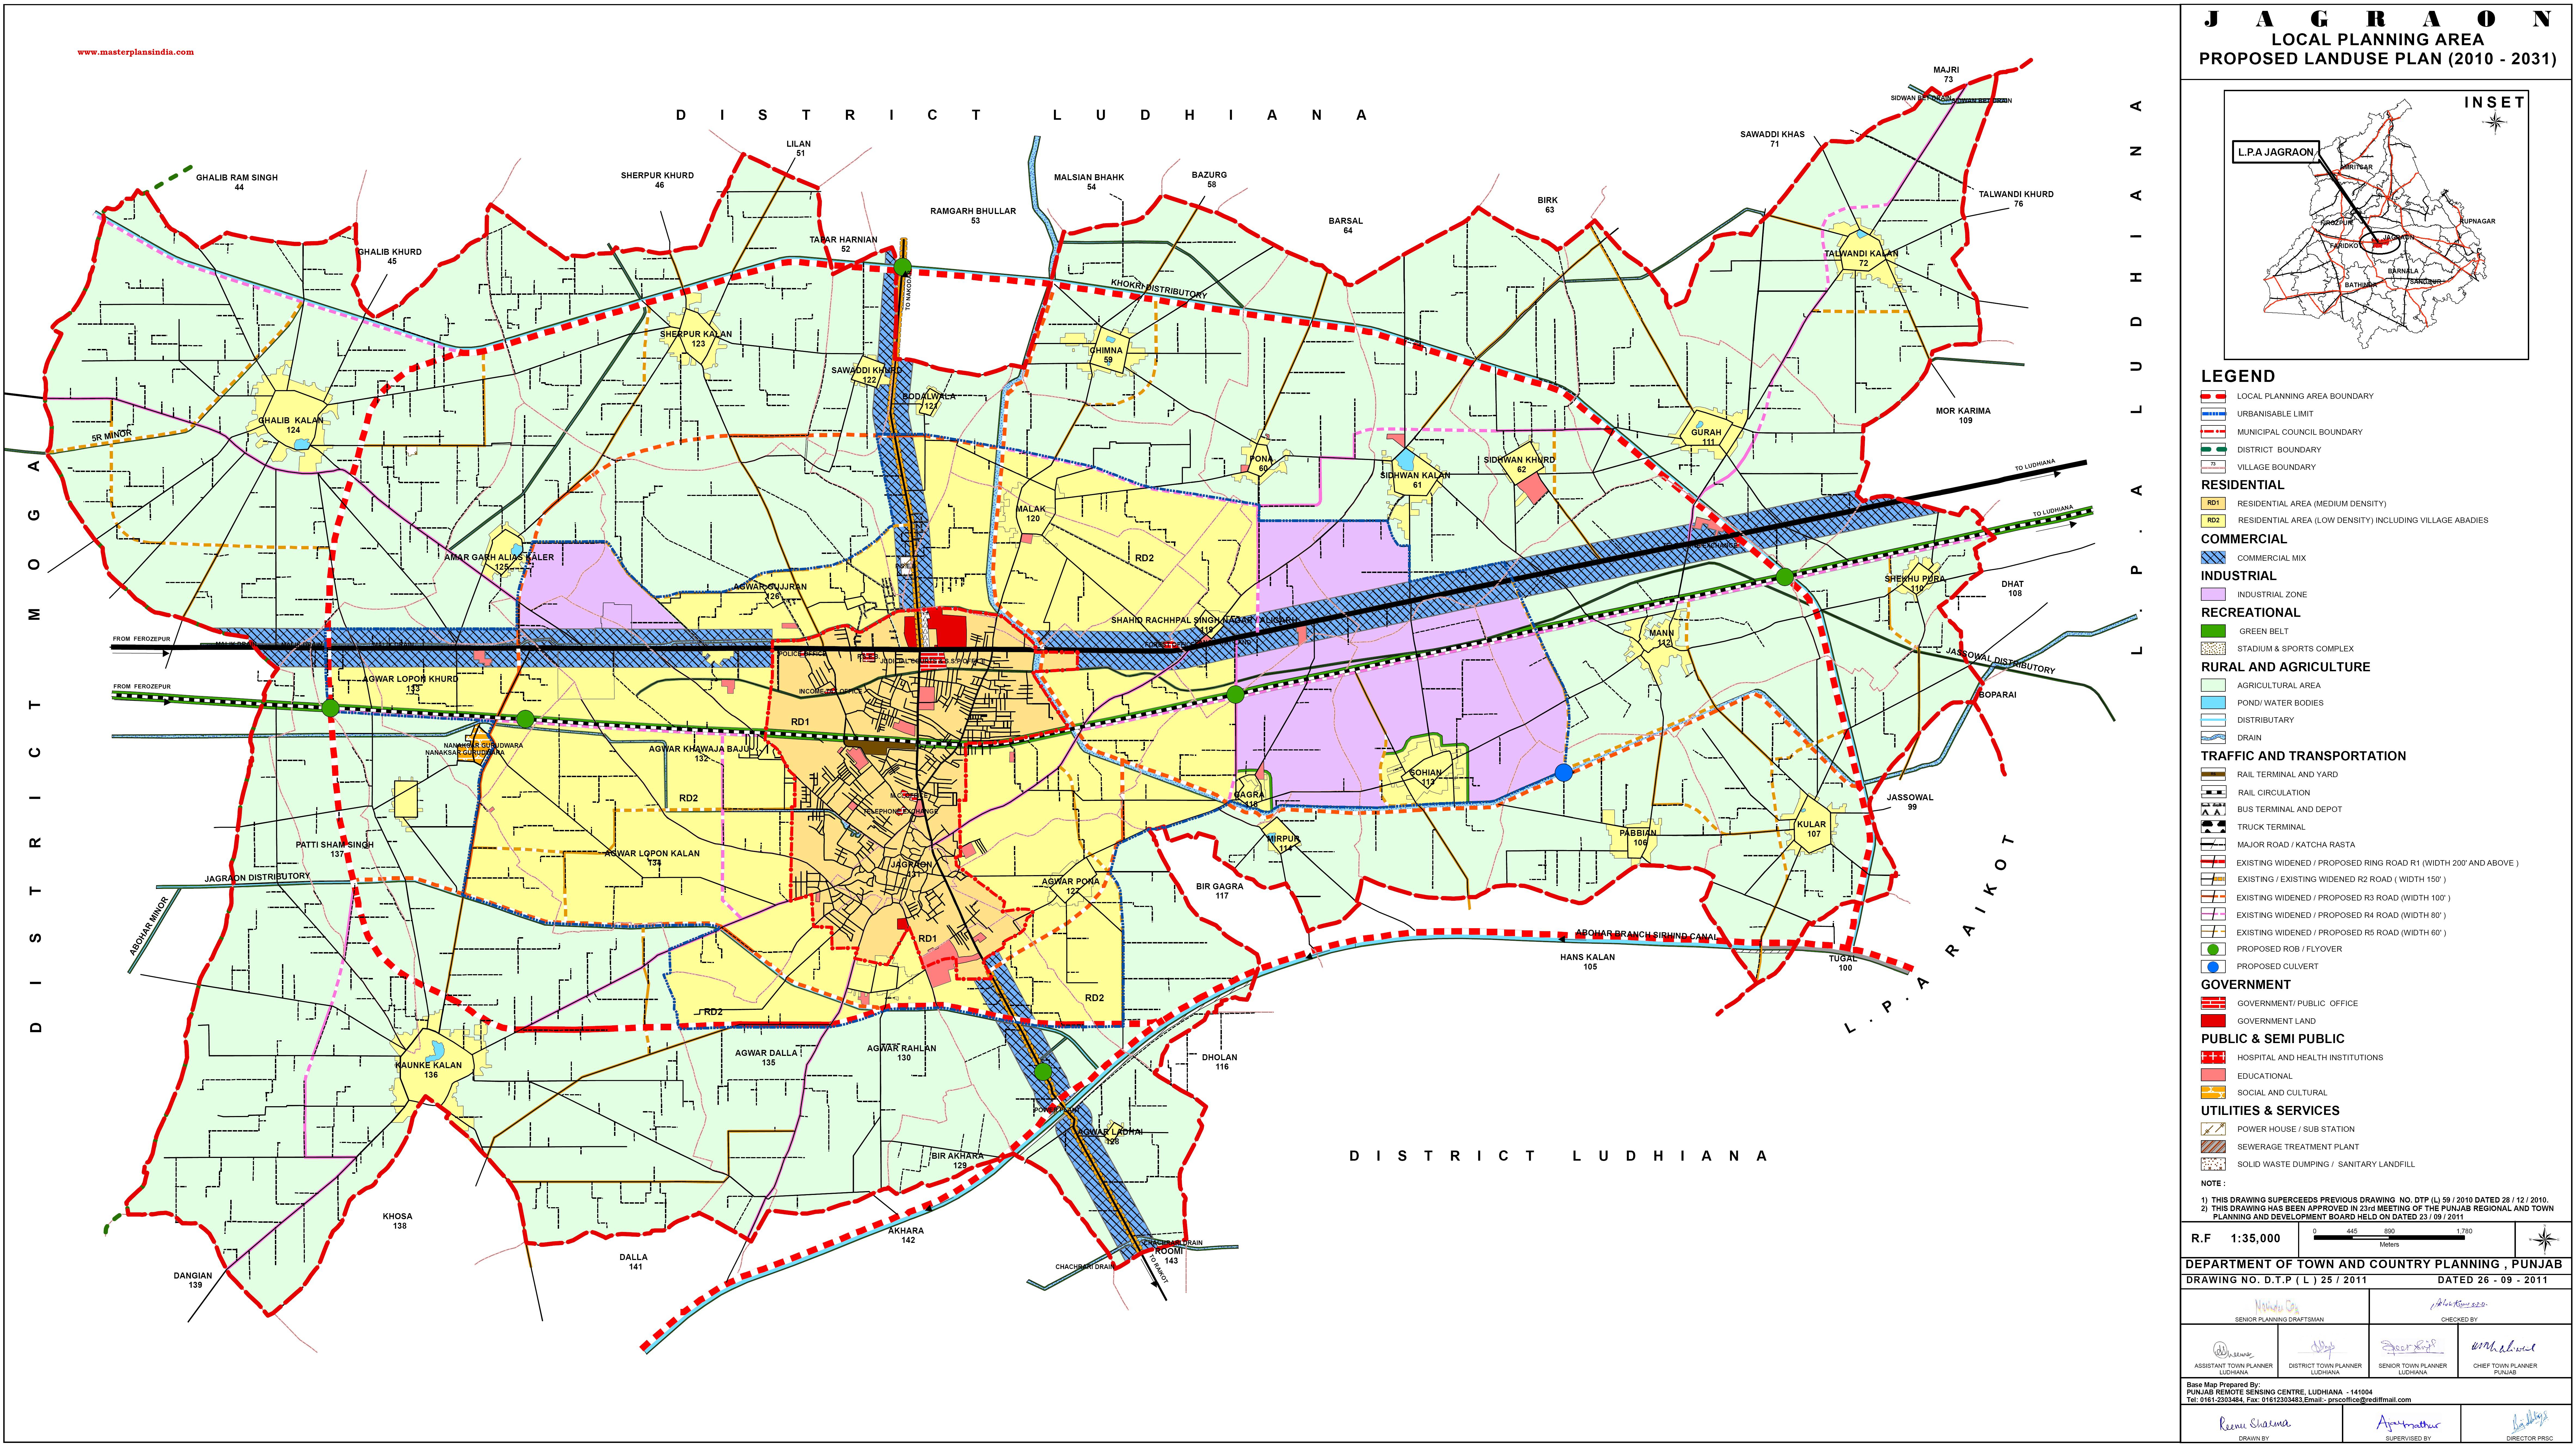 Jagraon Master Plan 2031 Map PDF Download - Master Plans India